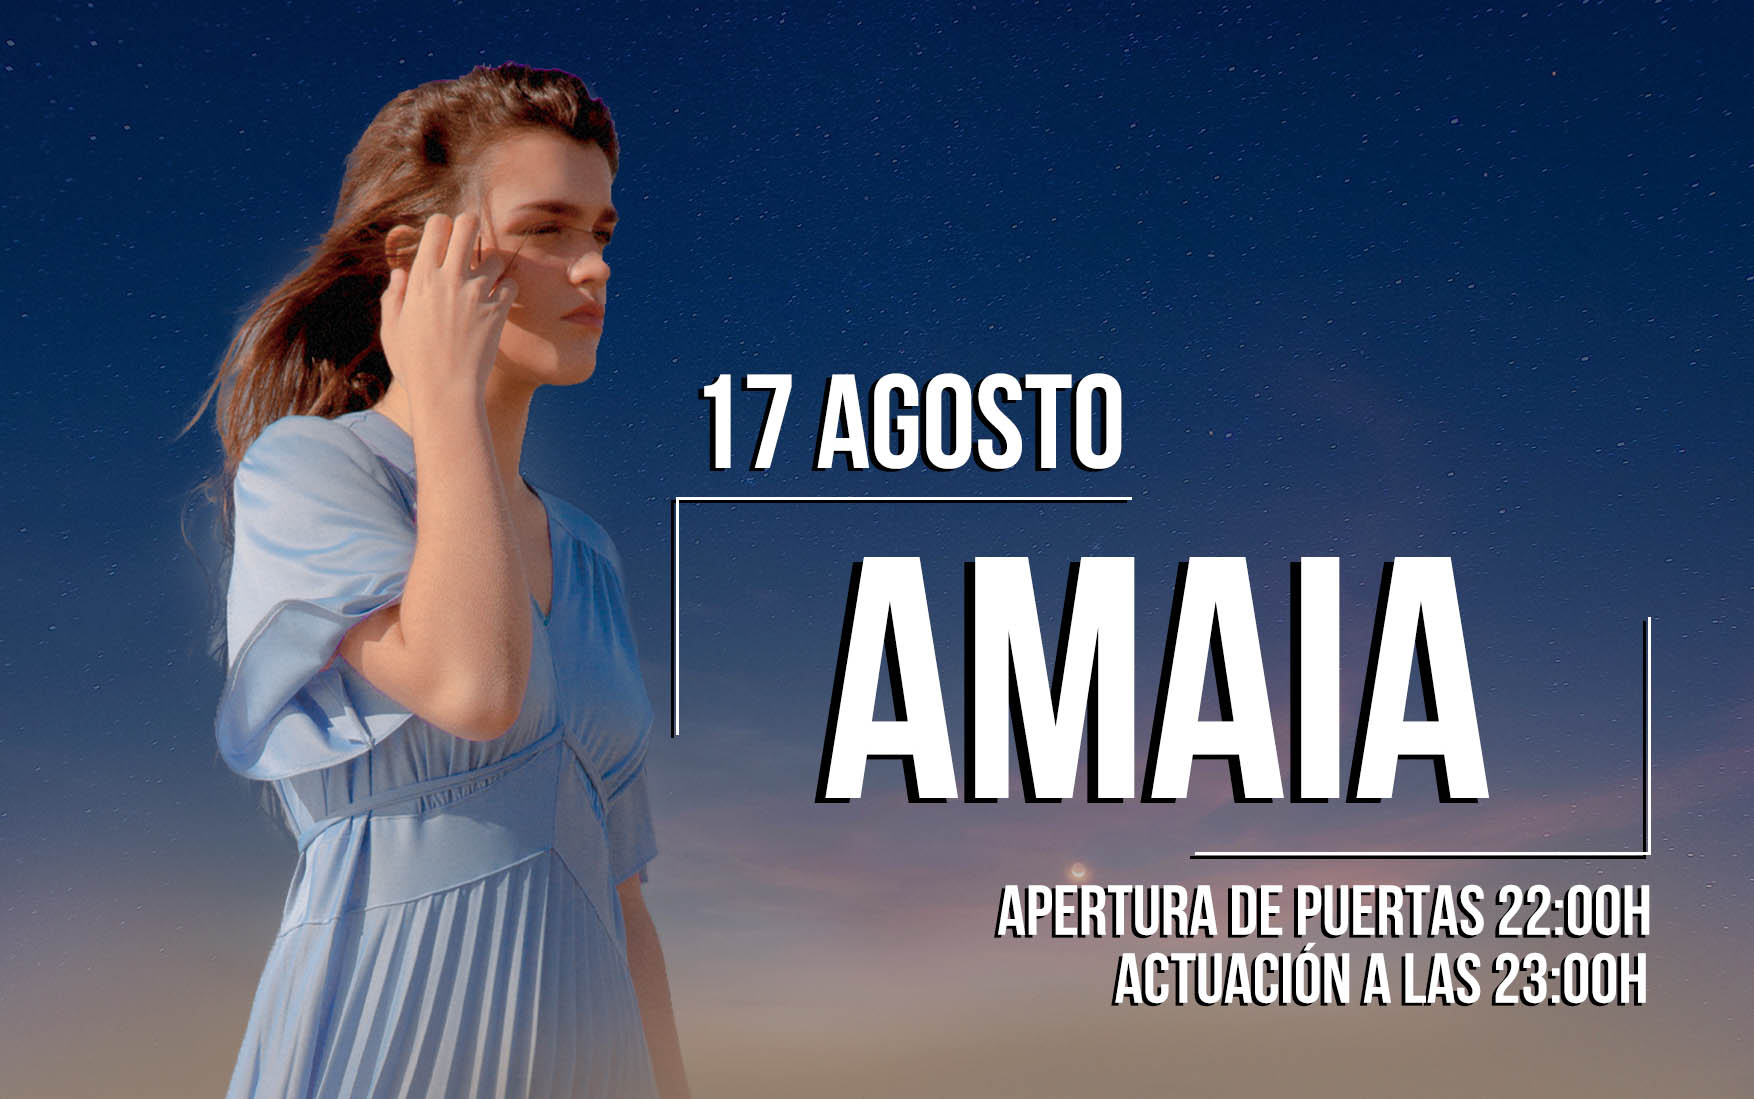 Peñíscola será el escenario de un nuevo festival de música este verano.